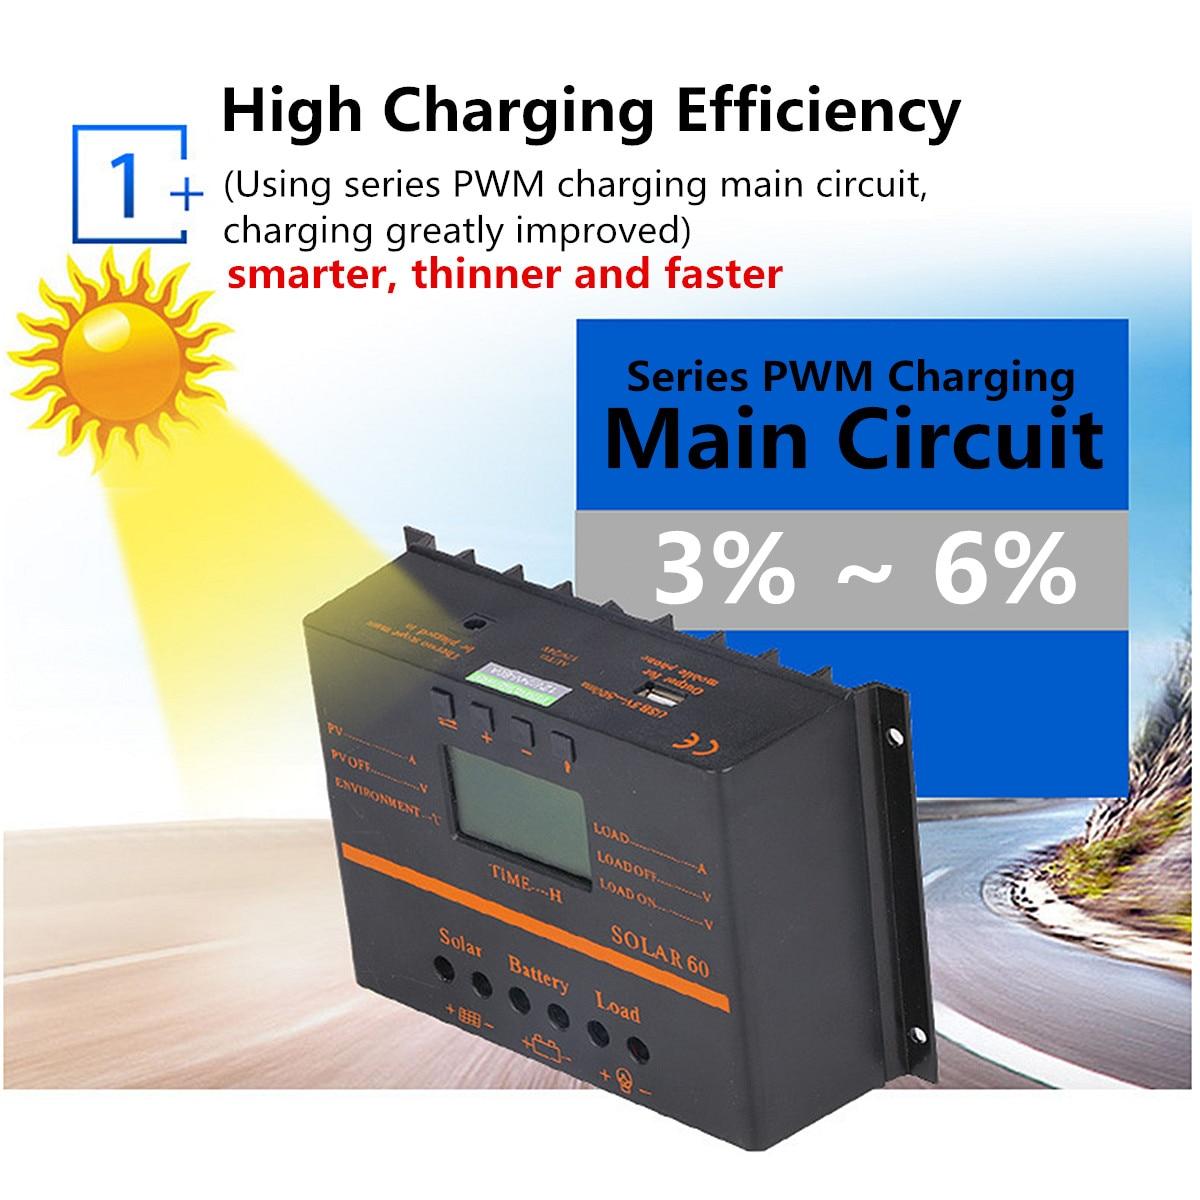 Pannello solare Regolatore di Carica Della Batteria 12 V/24 V Auto Display LCD PWM Regolatore USB 40A/50A/ 60A/80A Protezione Da Sovraccarico Automatico